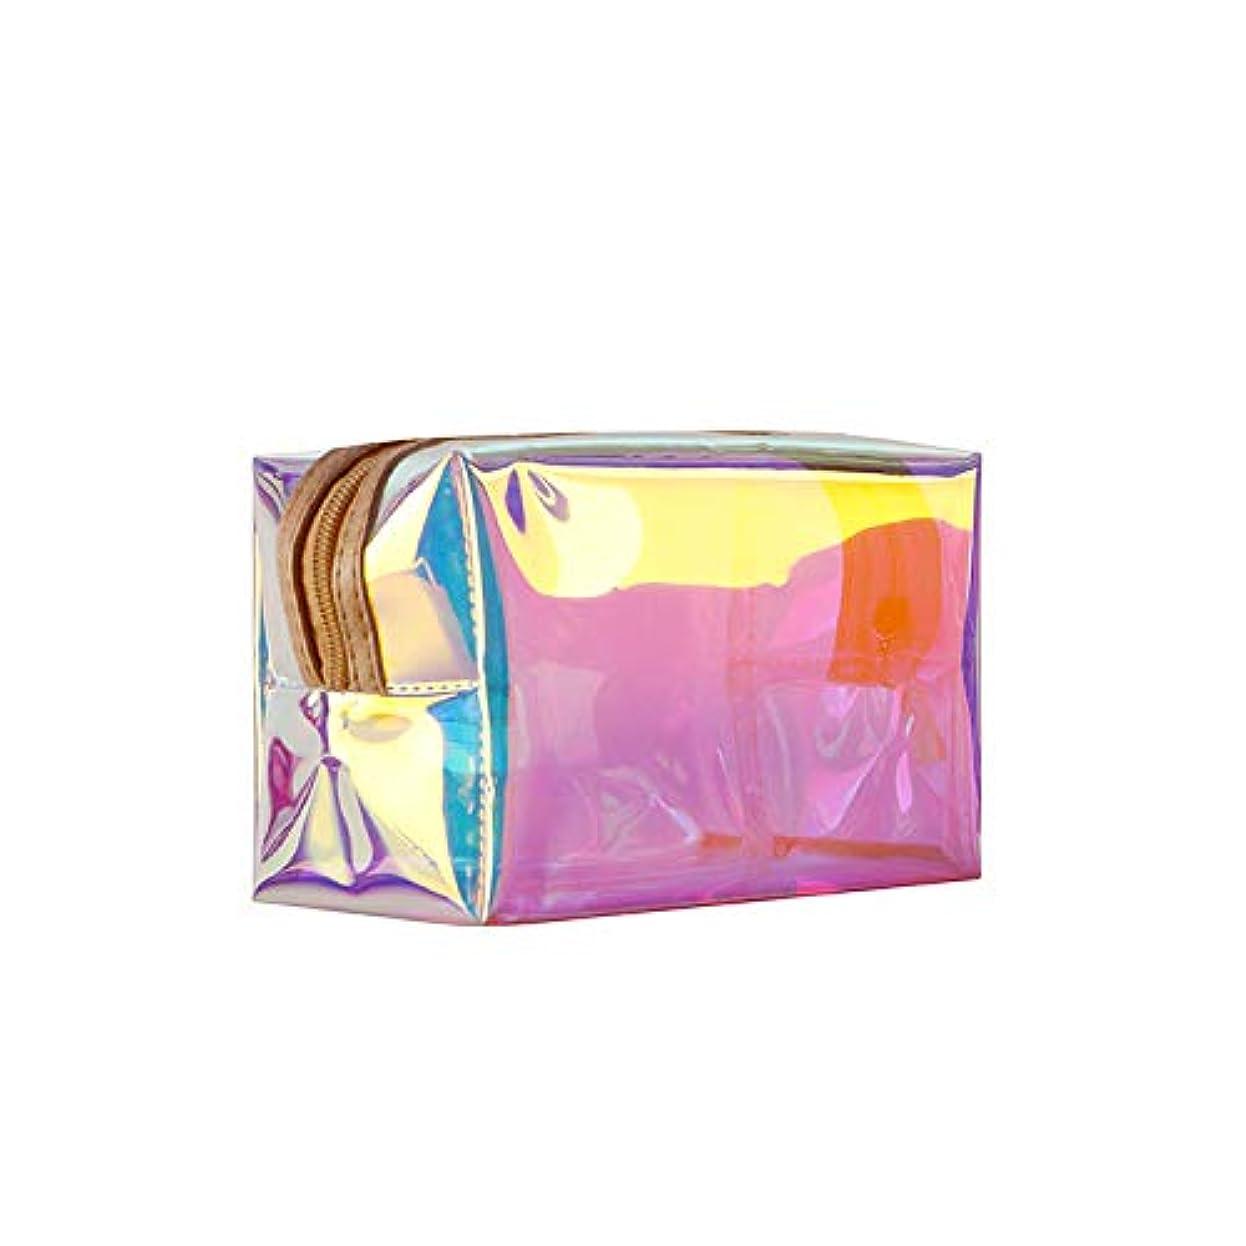 ふざけた家限りなくホーム朵 メイクポーチ 化粧バッグ オーロラカラー レーザー 透明バッグ 防水 収納携帯用 おしゃれ コスメポーチ たっぷり収納 旅行 便利 大容量 超軽量